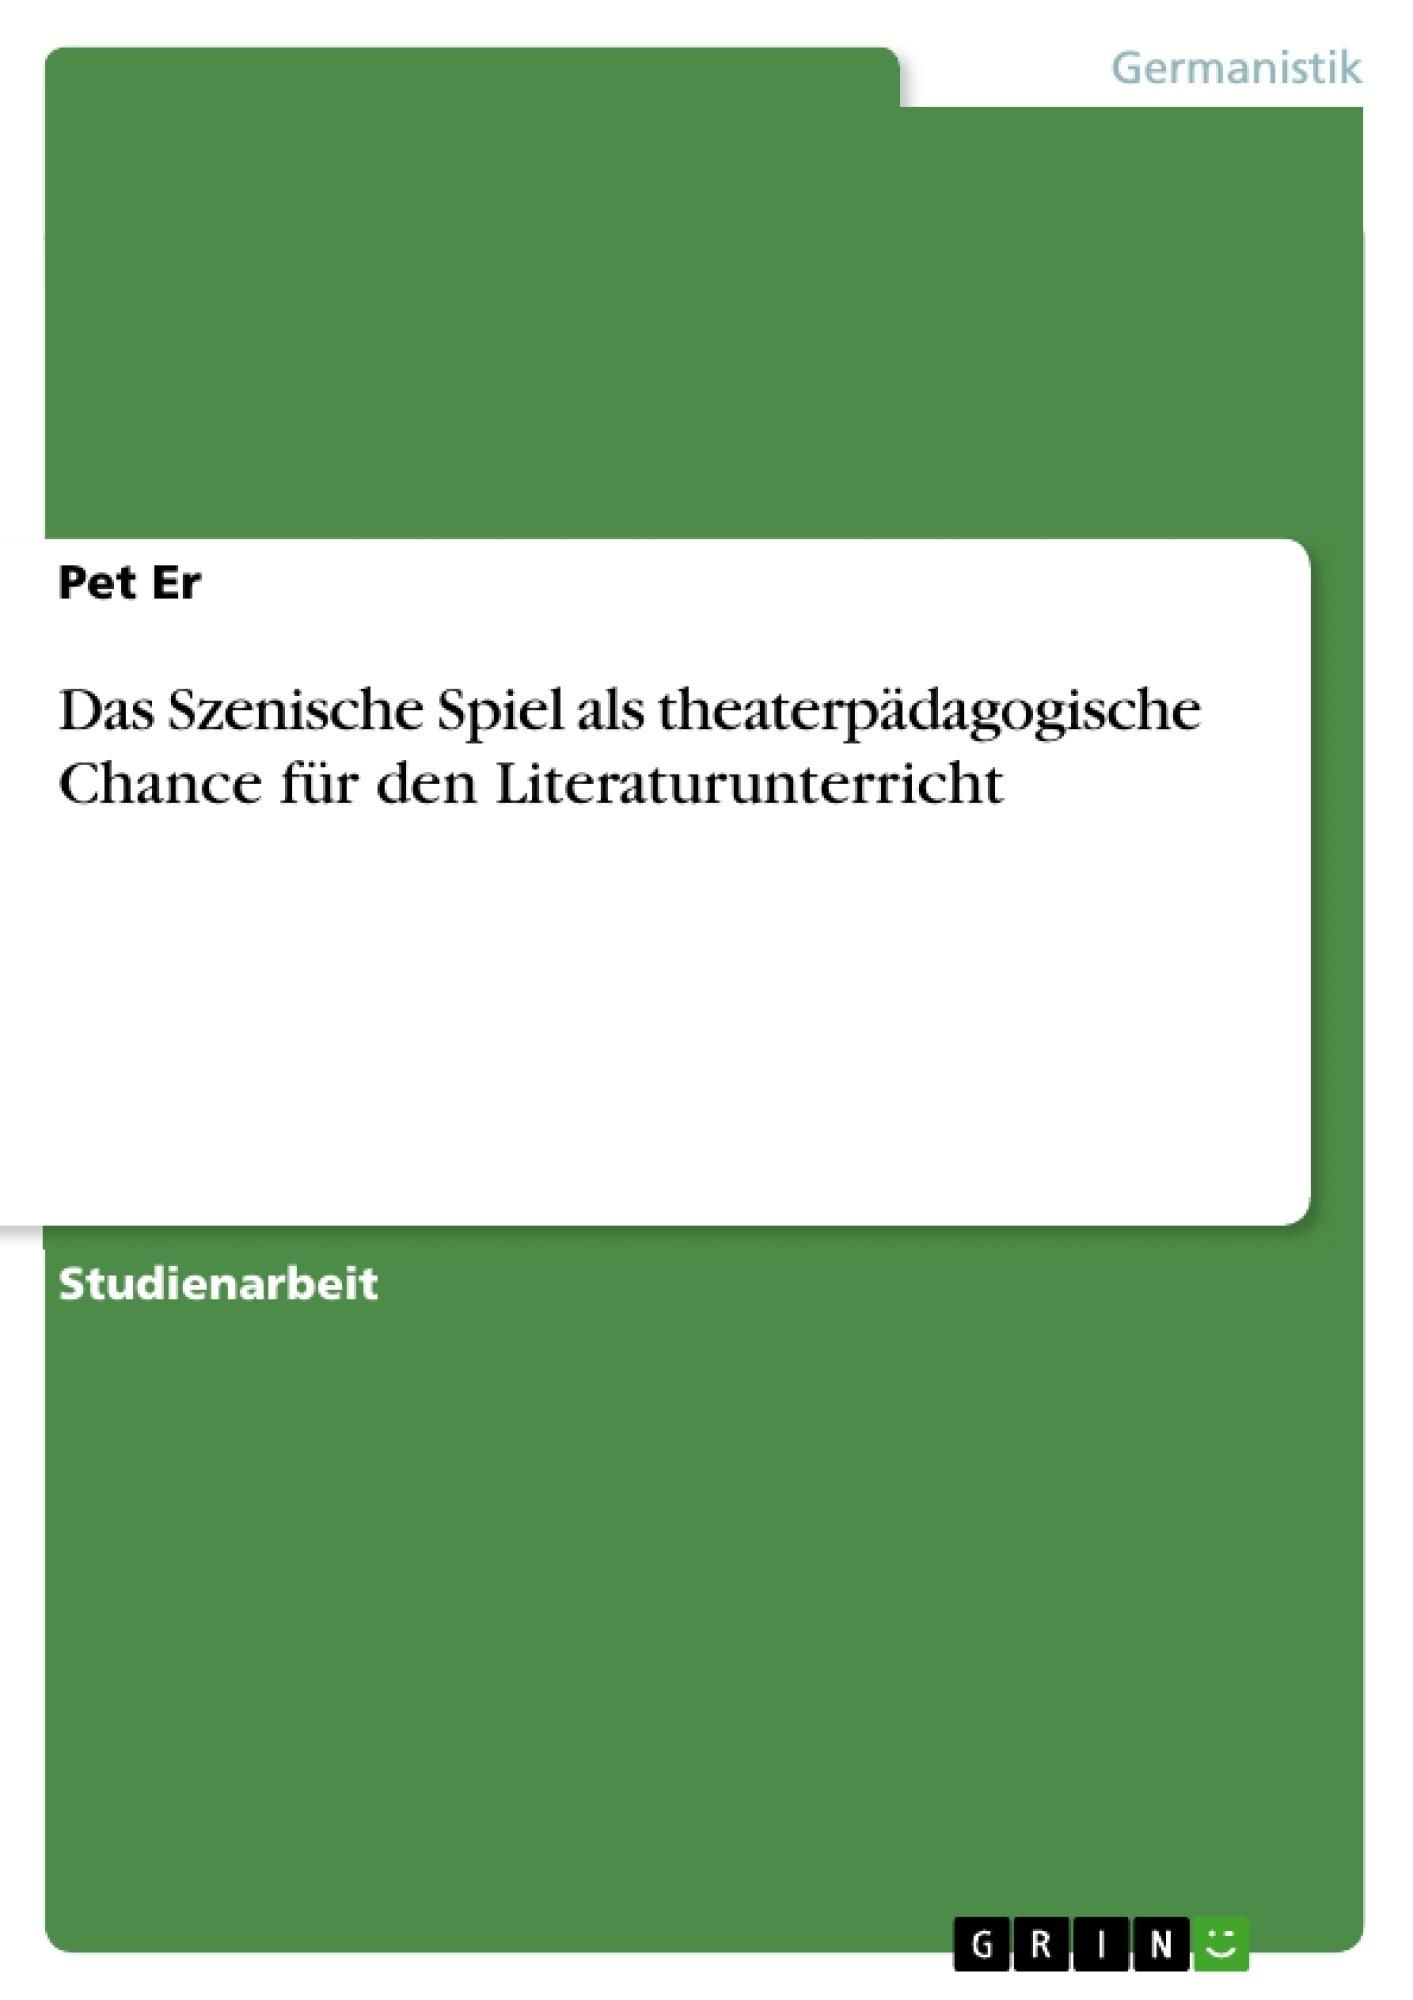 Titel: Das Szenische Spiel als theaterpädagogische Chance für den Literaturunterricht